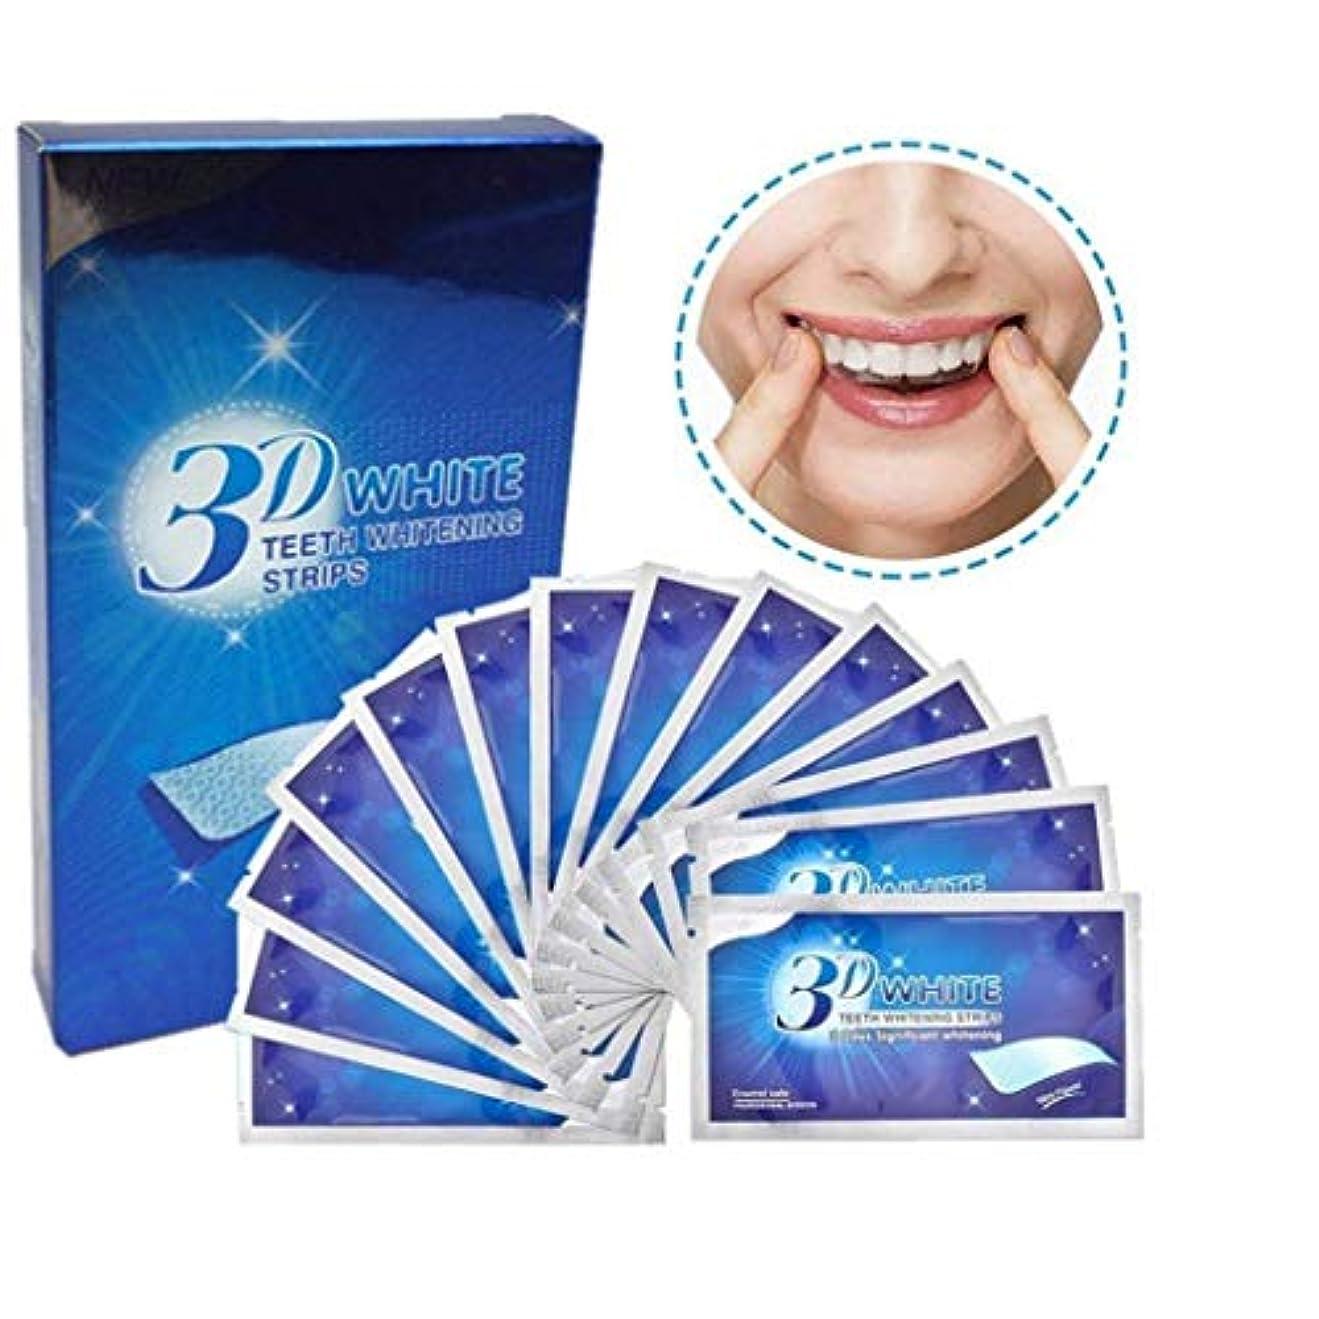 葉西ペルメルWENER 歯を白くするストリップ、プロフェッショナルな歯を漂白するゲルストリップ有効な歯科用ケアキット歯垢を除去しますー14パック28枚 ドライ ホワイトニング